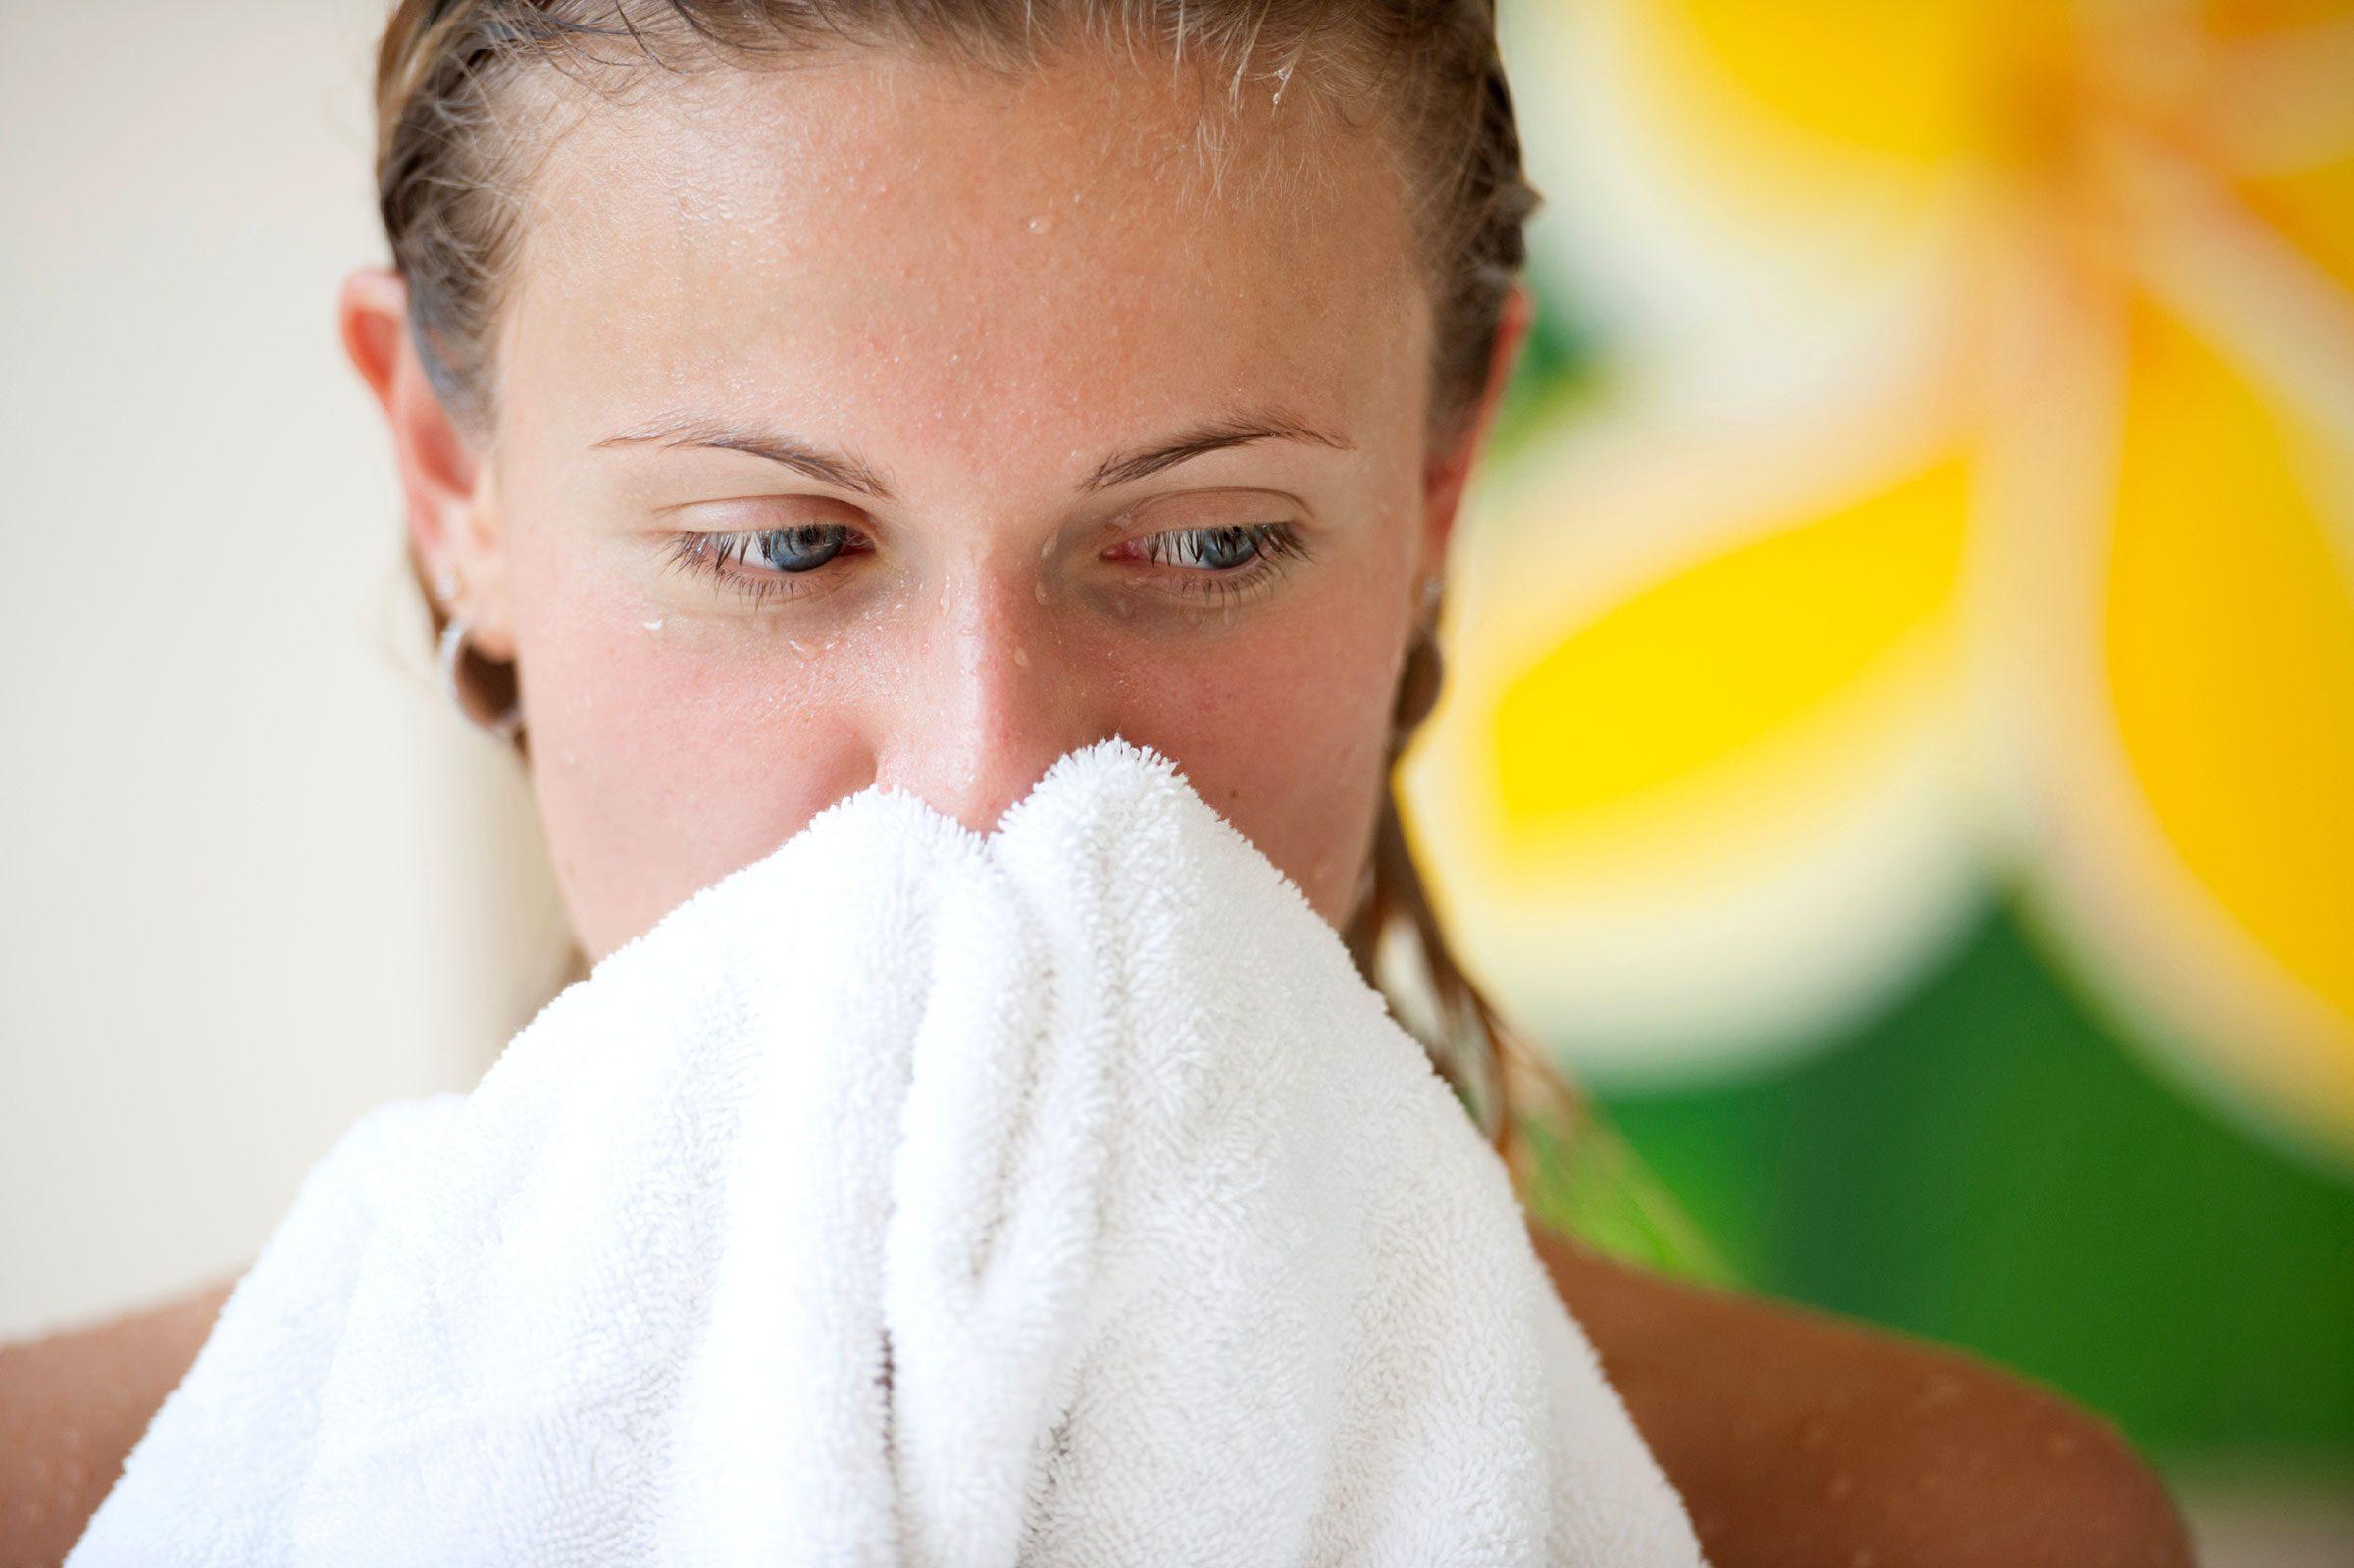 Vous sécher avec une serviette abîme aussi votre peau.